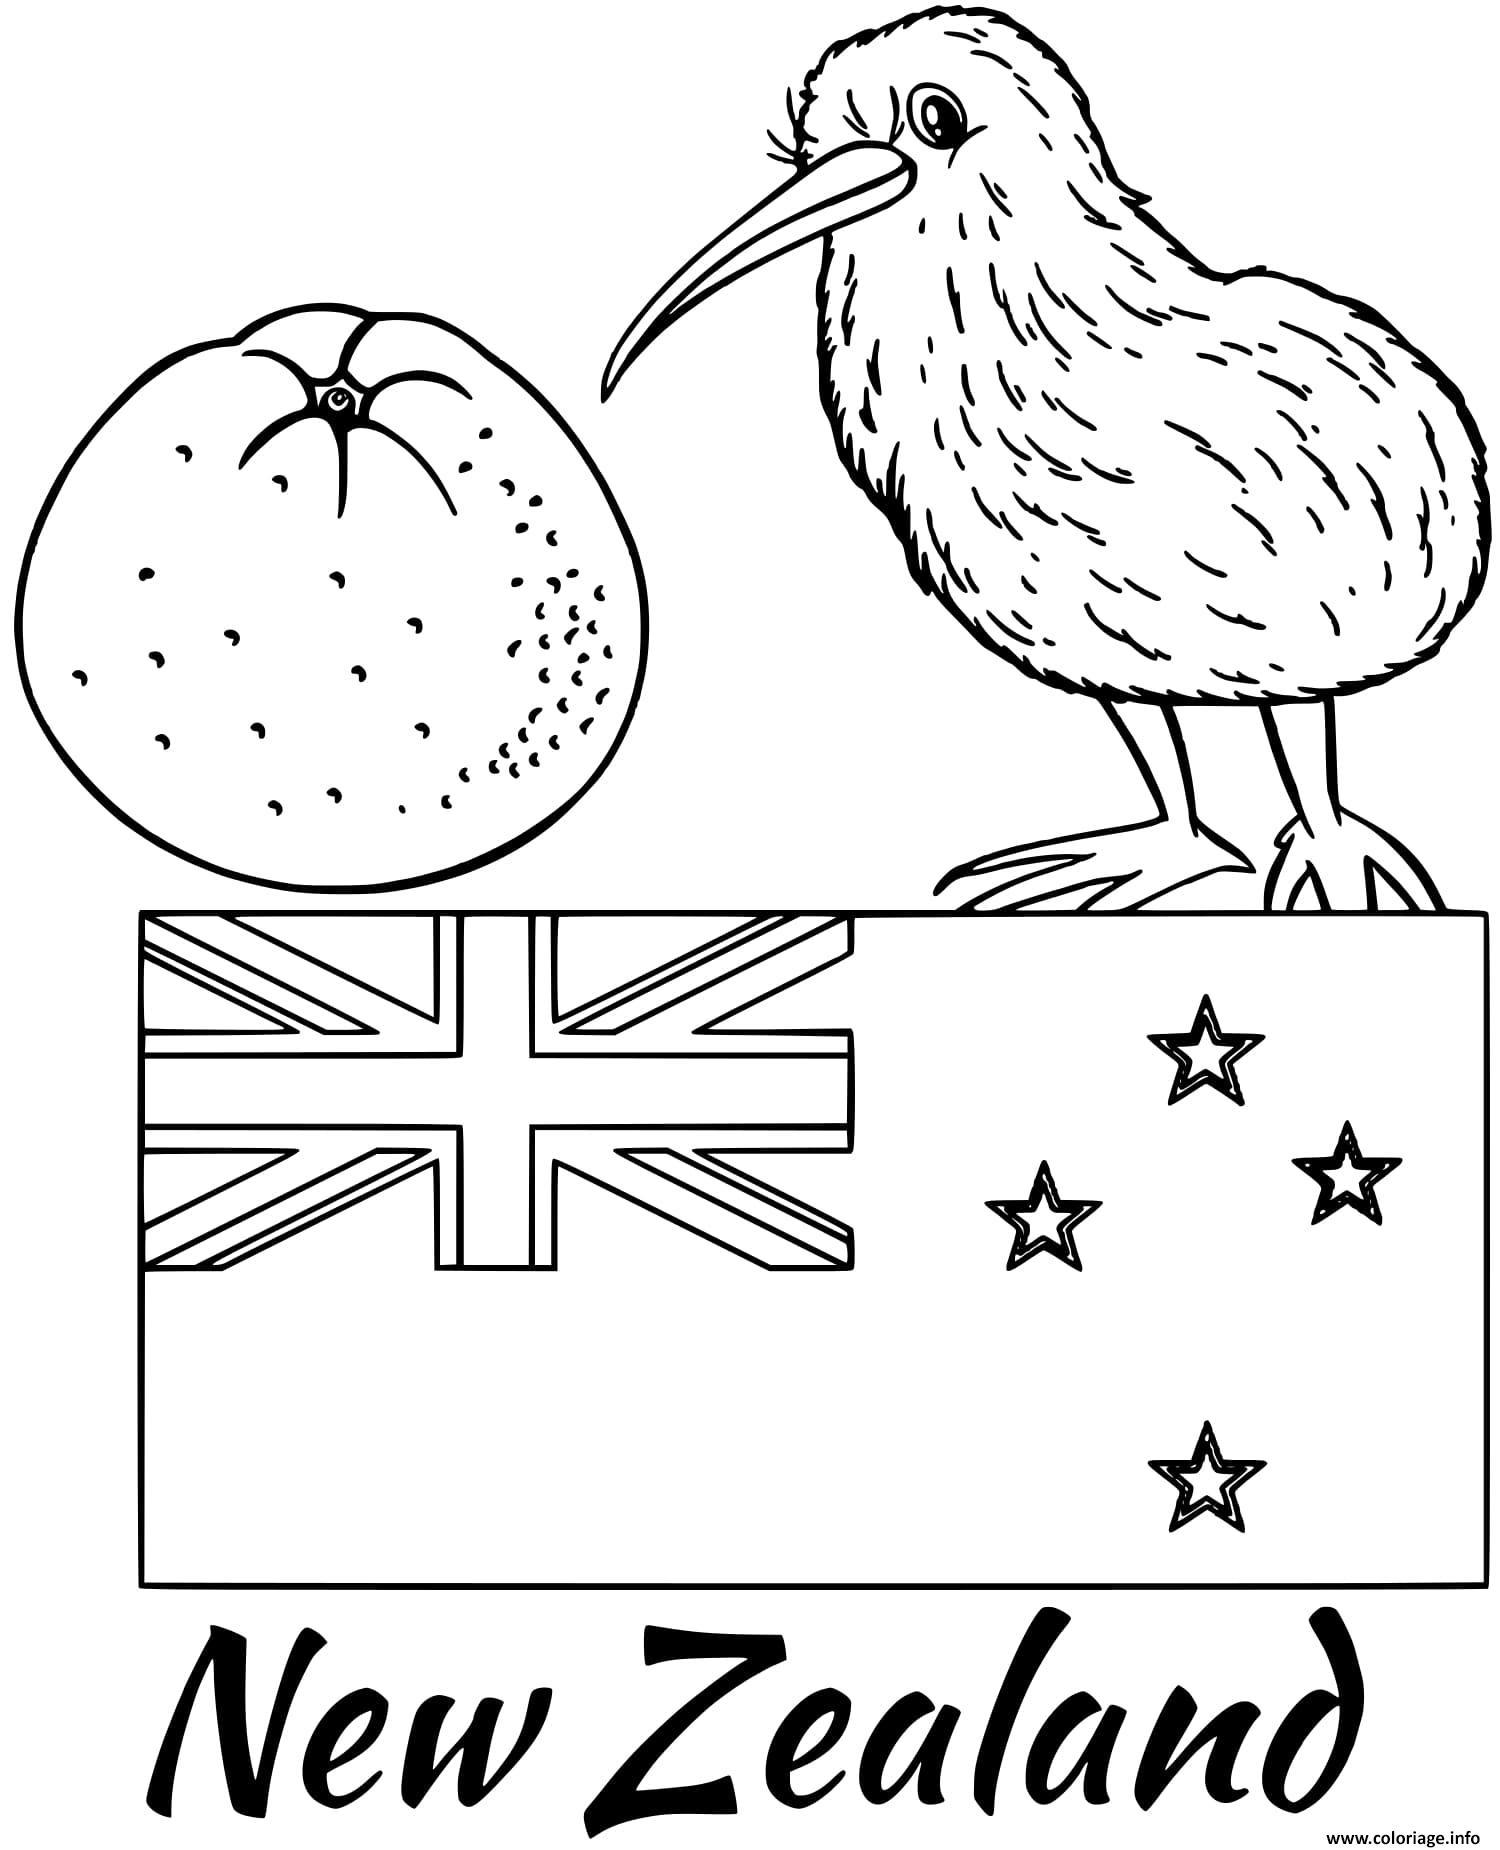 Dessin nouvelle zellande drapeau kiwi Coloriage Gratuit à Imprimer